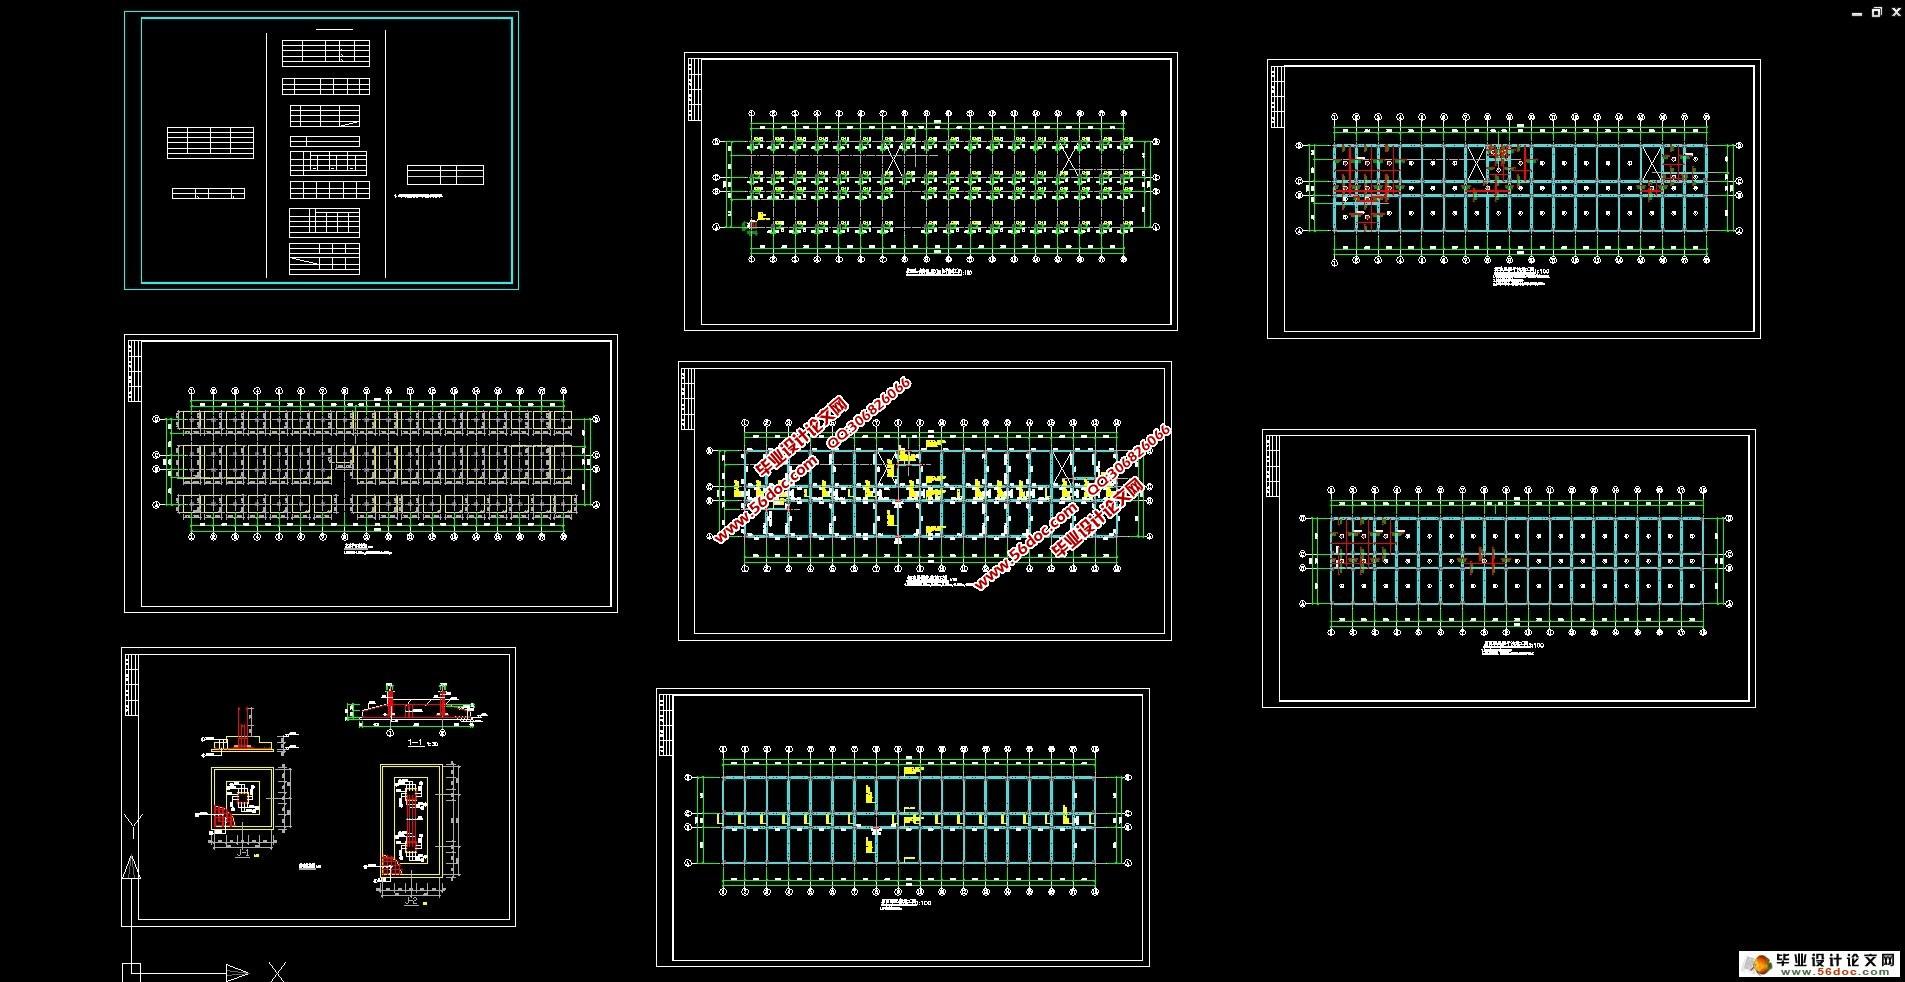 六层4400平米钢筋混凝土框架结构教学楼设计(建筑图,结构图)